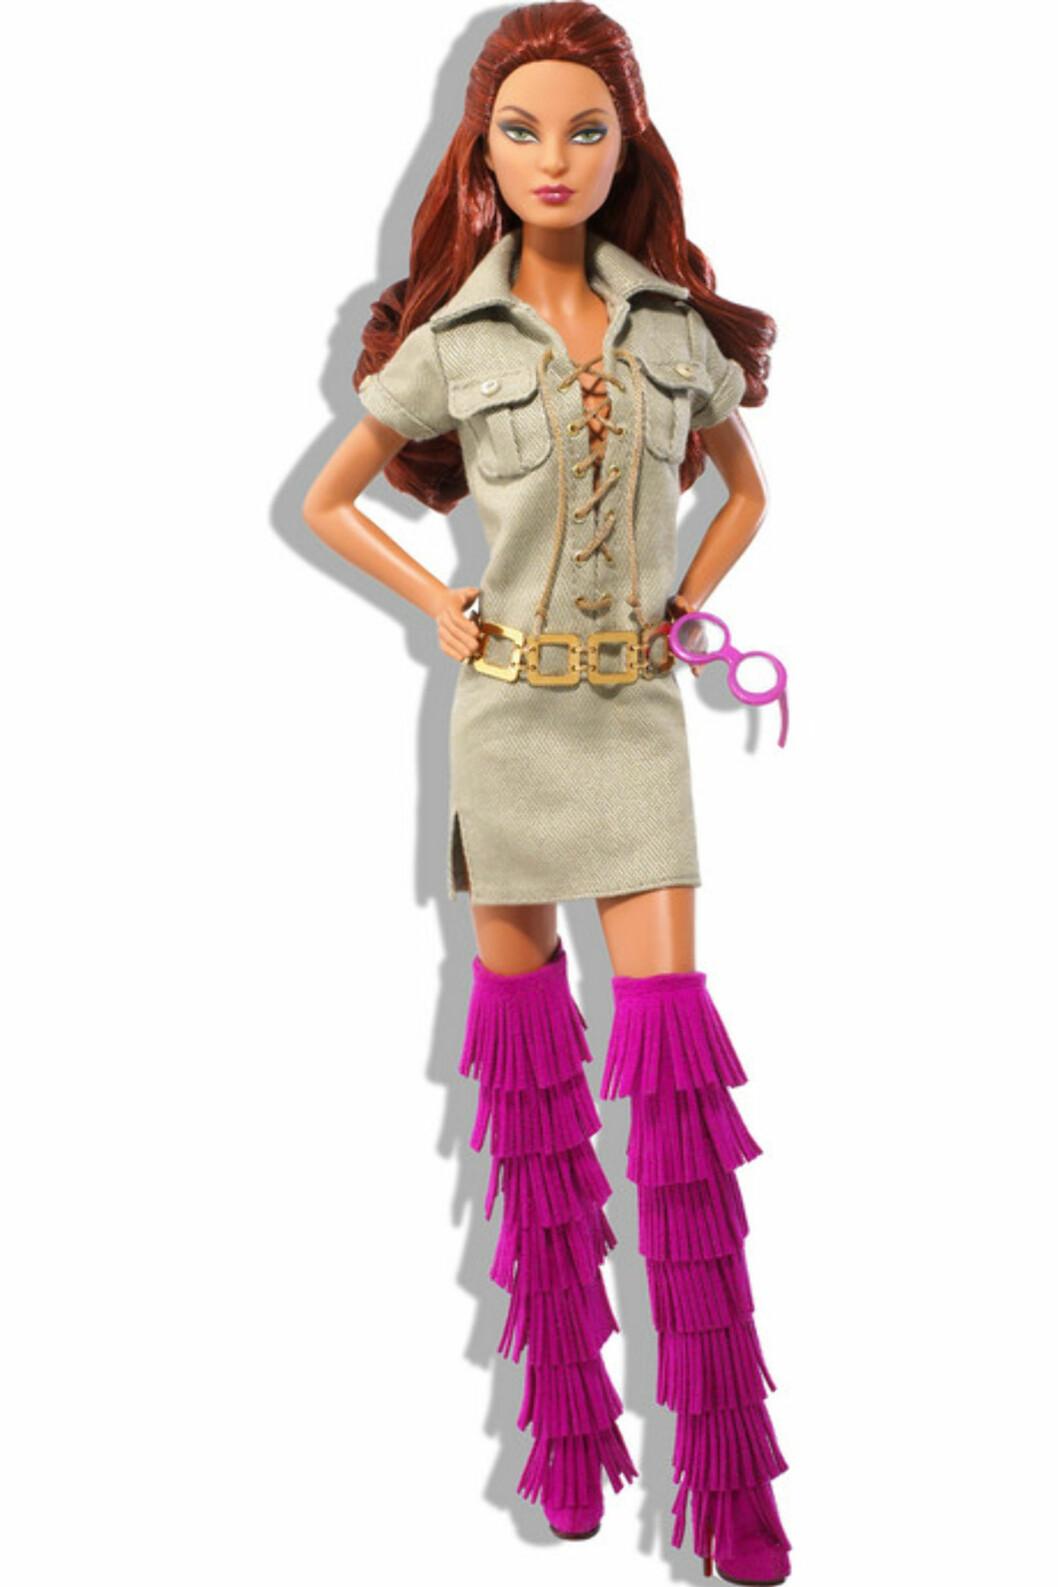 Dette er i alle fall noe helt annet enn den Barbie-dukken vi husker fra 1980-tallet...